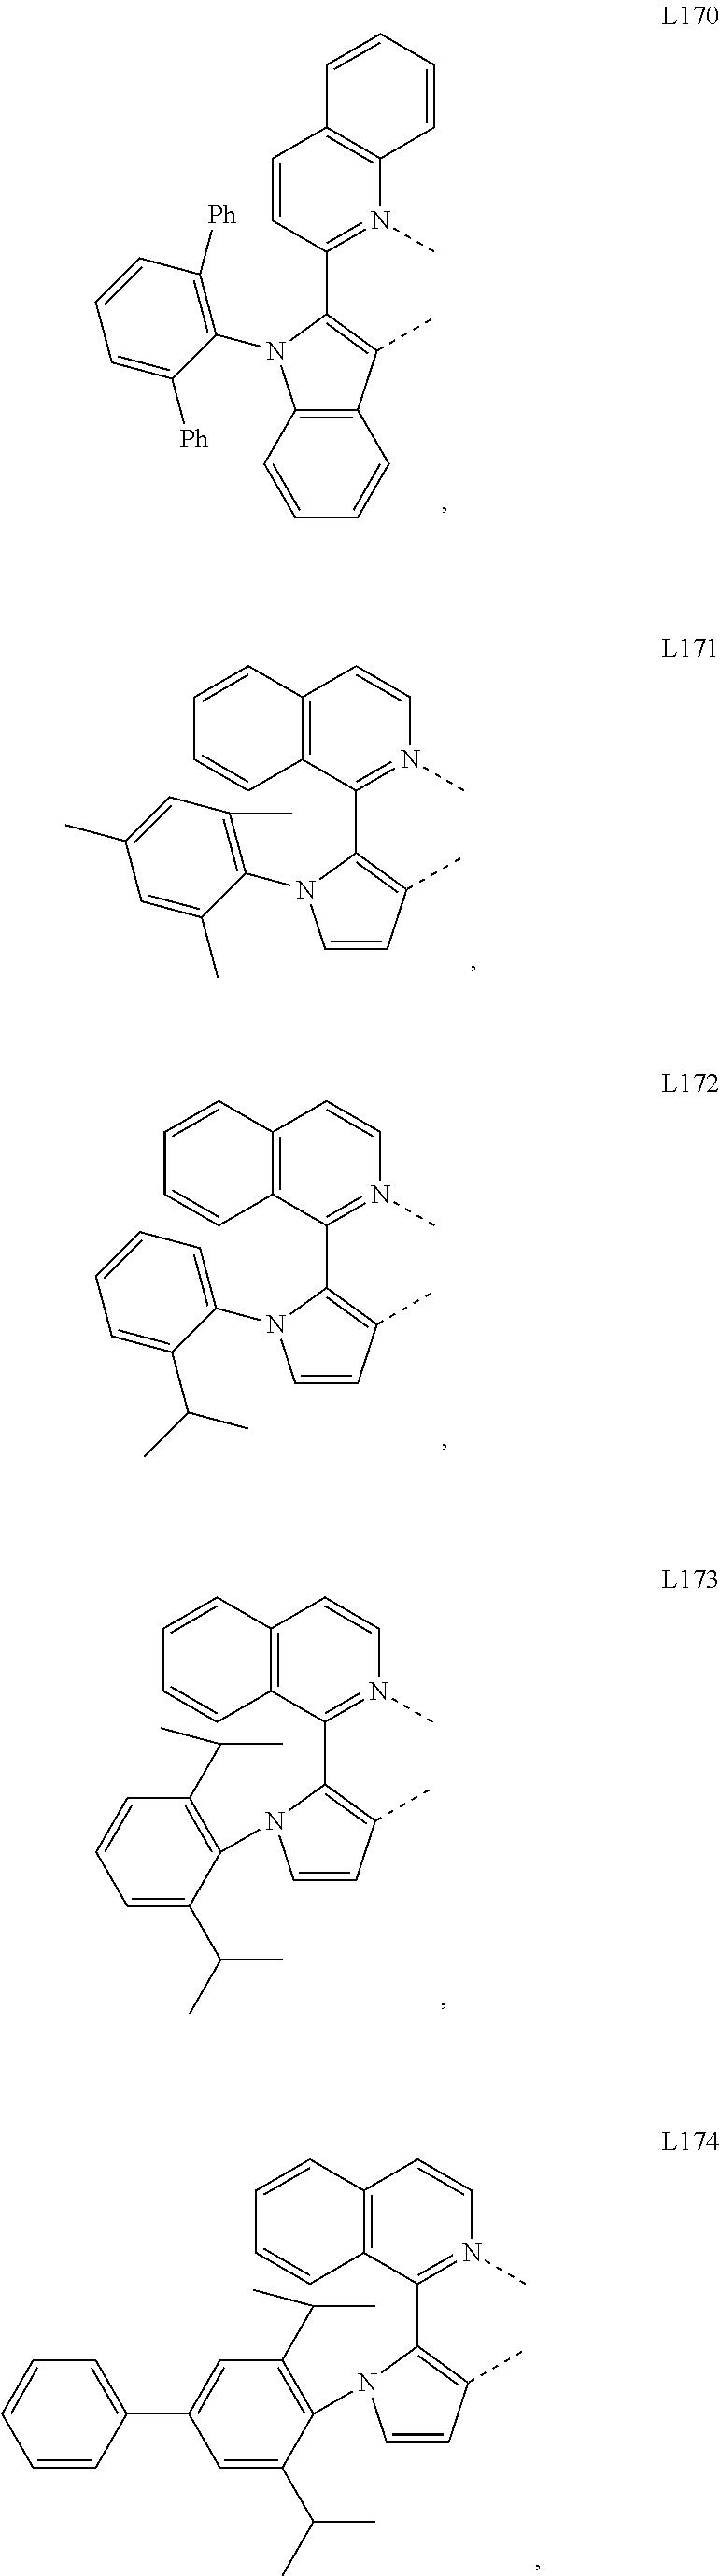 Figure US09935277-20180403-C00039